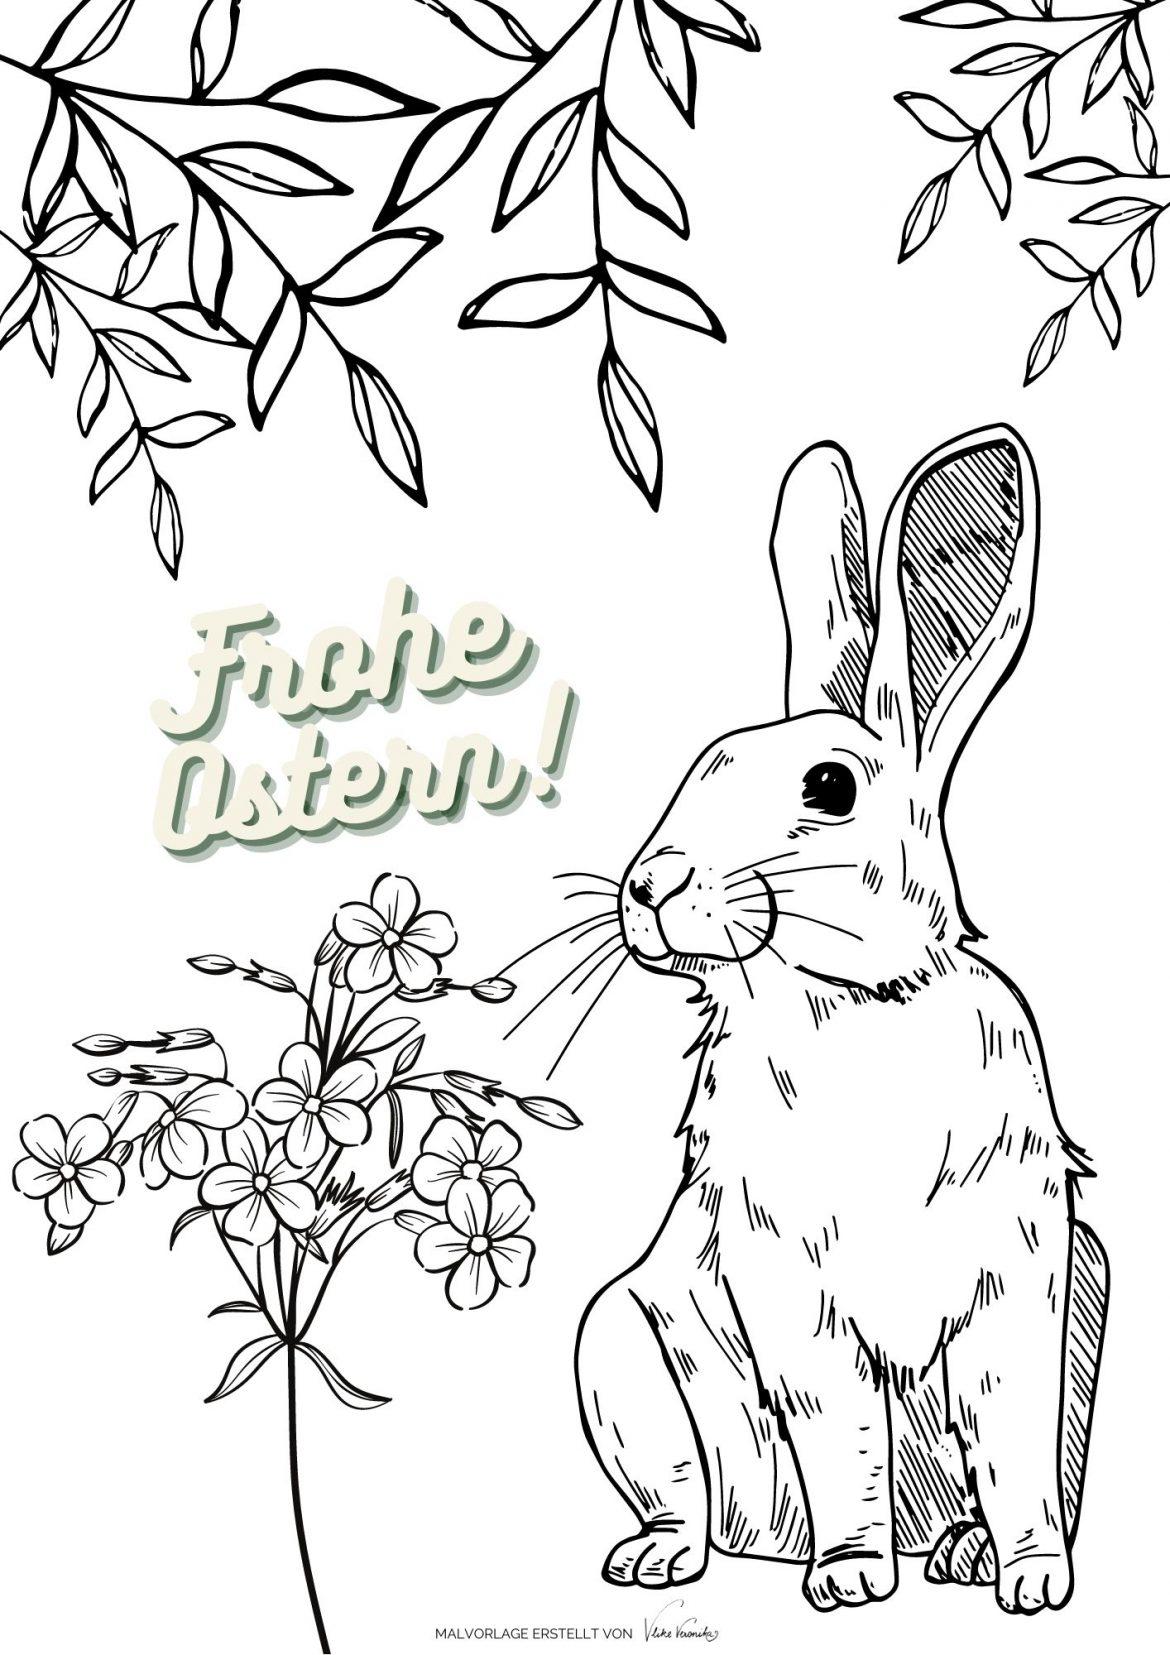 Der Osterhase wünscht frohe Ostern mit frühlingshaften Blättern und Vergissmeinnicht.